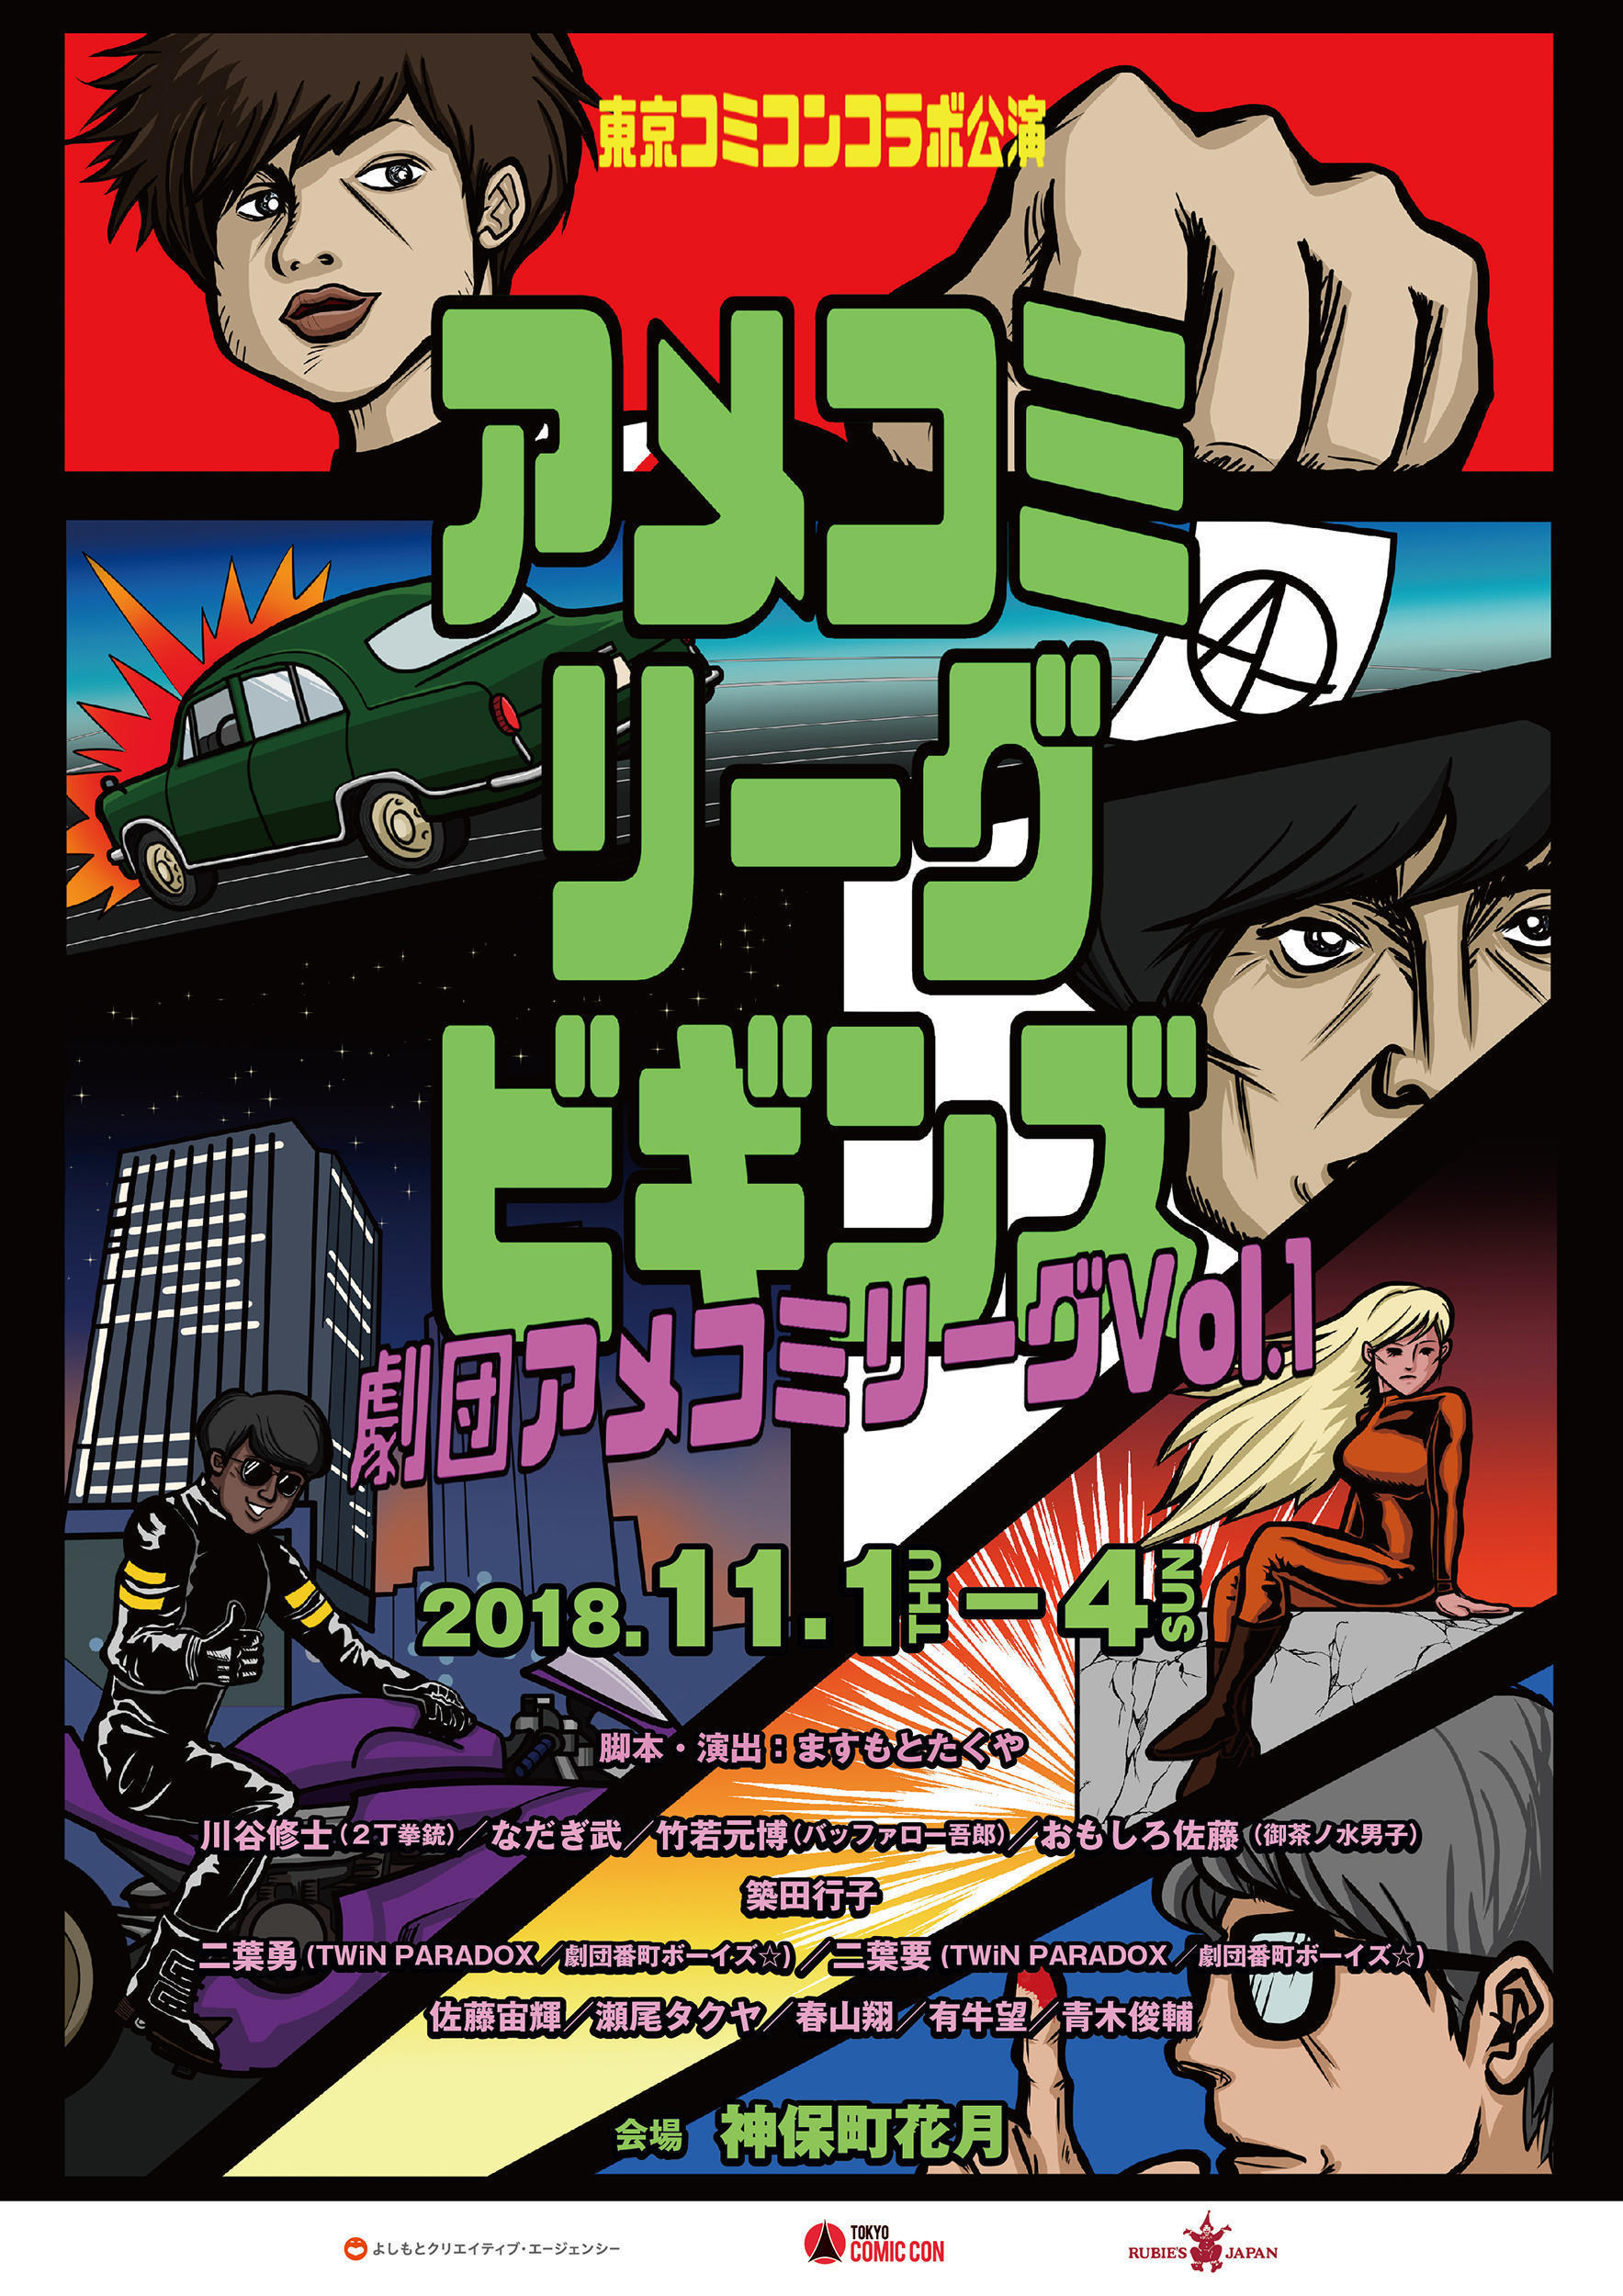 http://news.yoshimoto.co.jp/20181030102137-94529975b7e2b418adfbd6a9525128ca6e5b808e.jpg